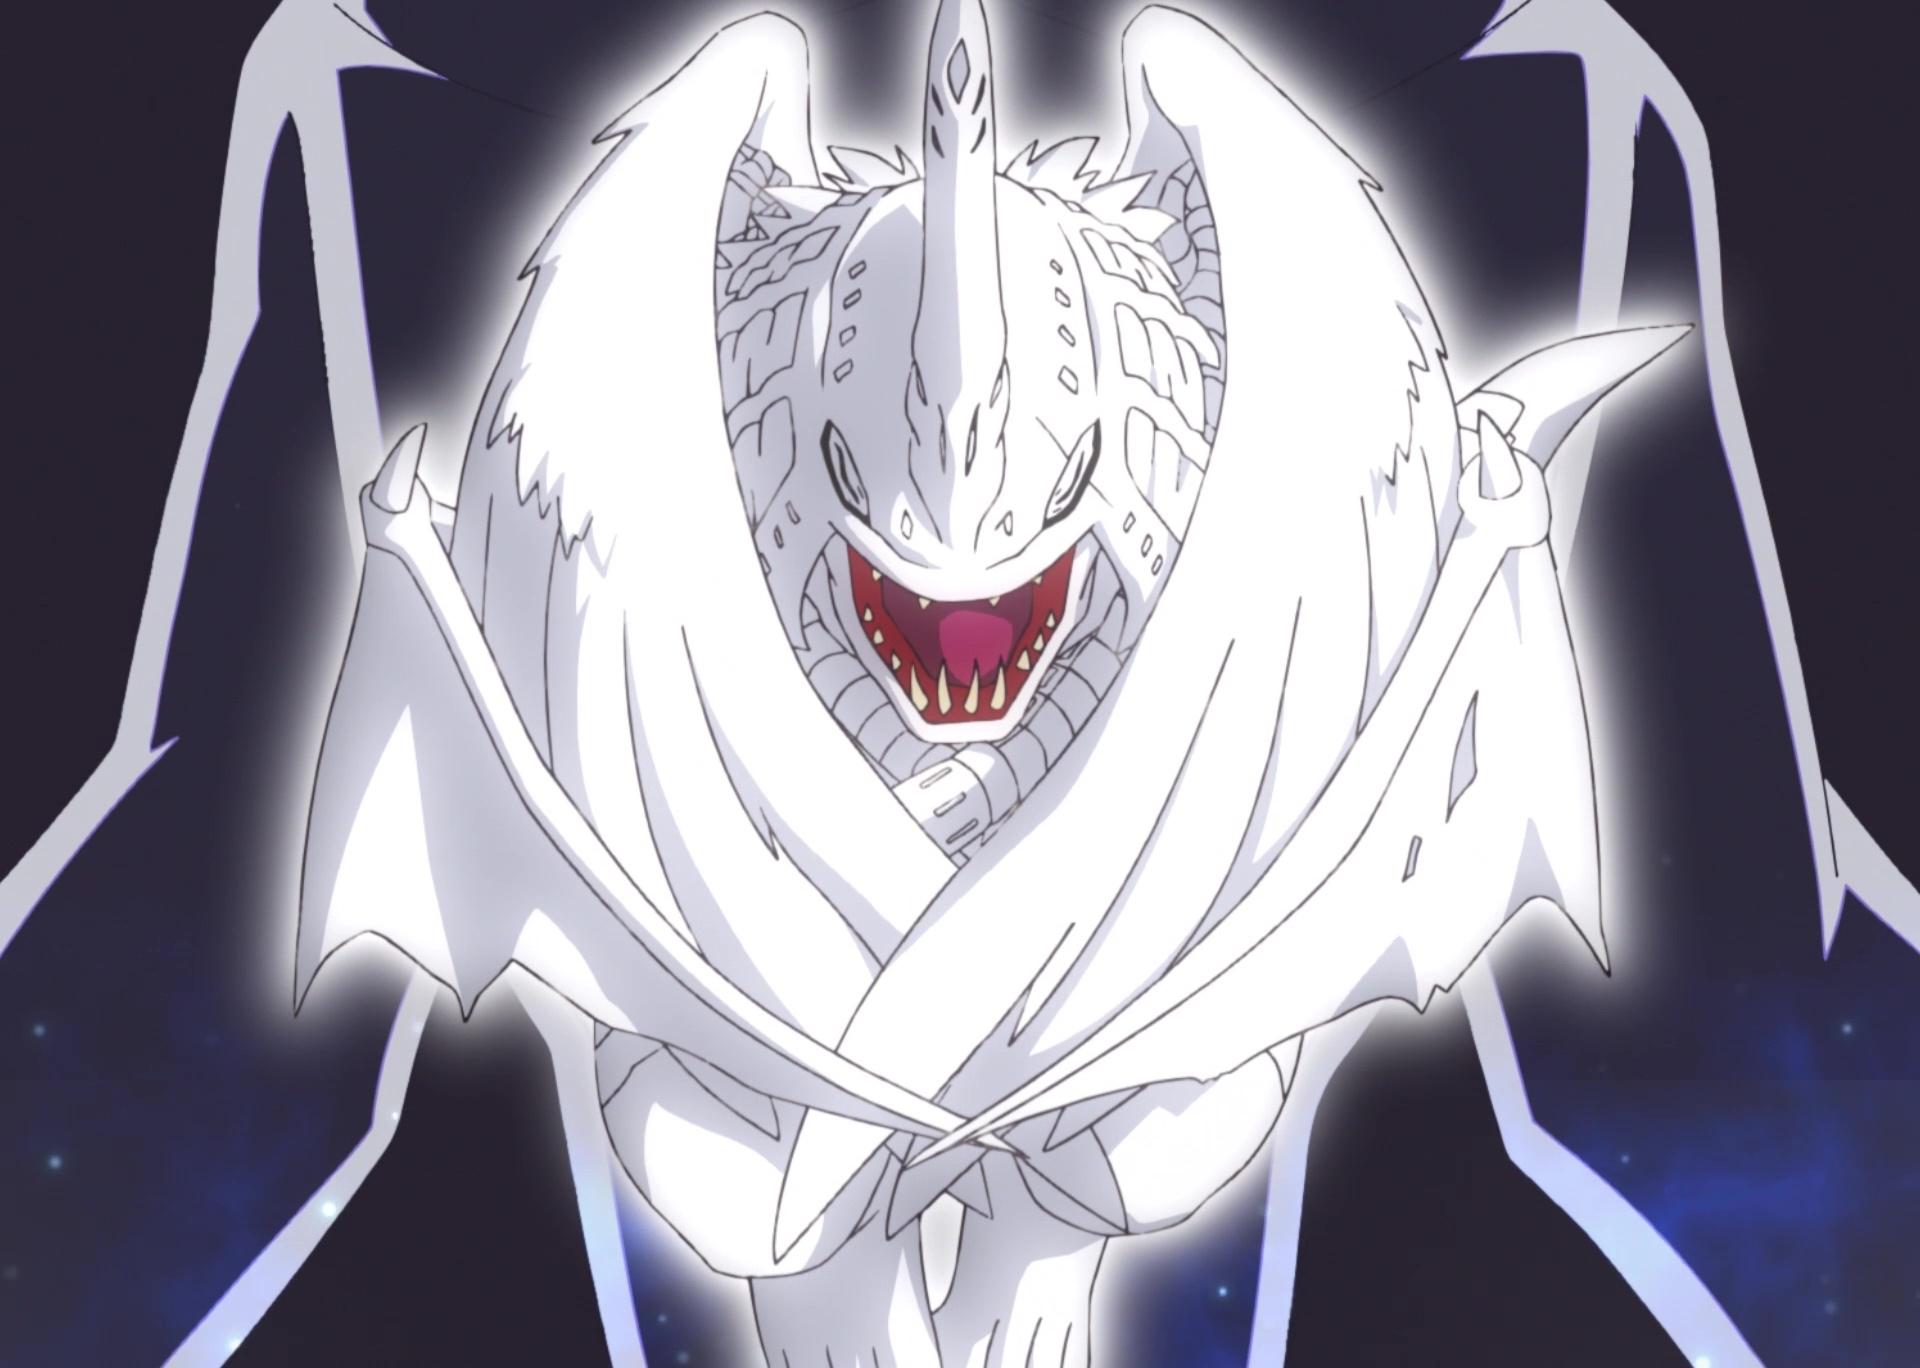 Chimairamon_%28Sephirothmon%29_2020_anime.png